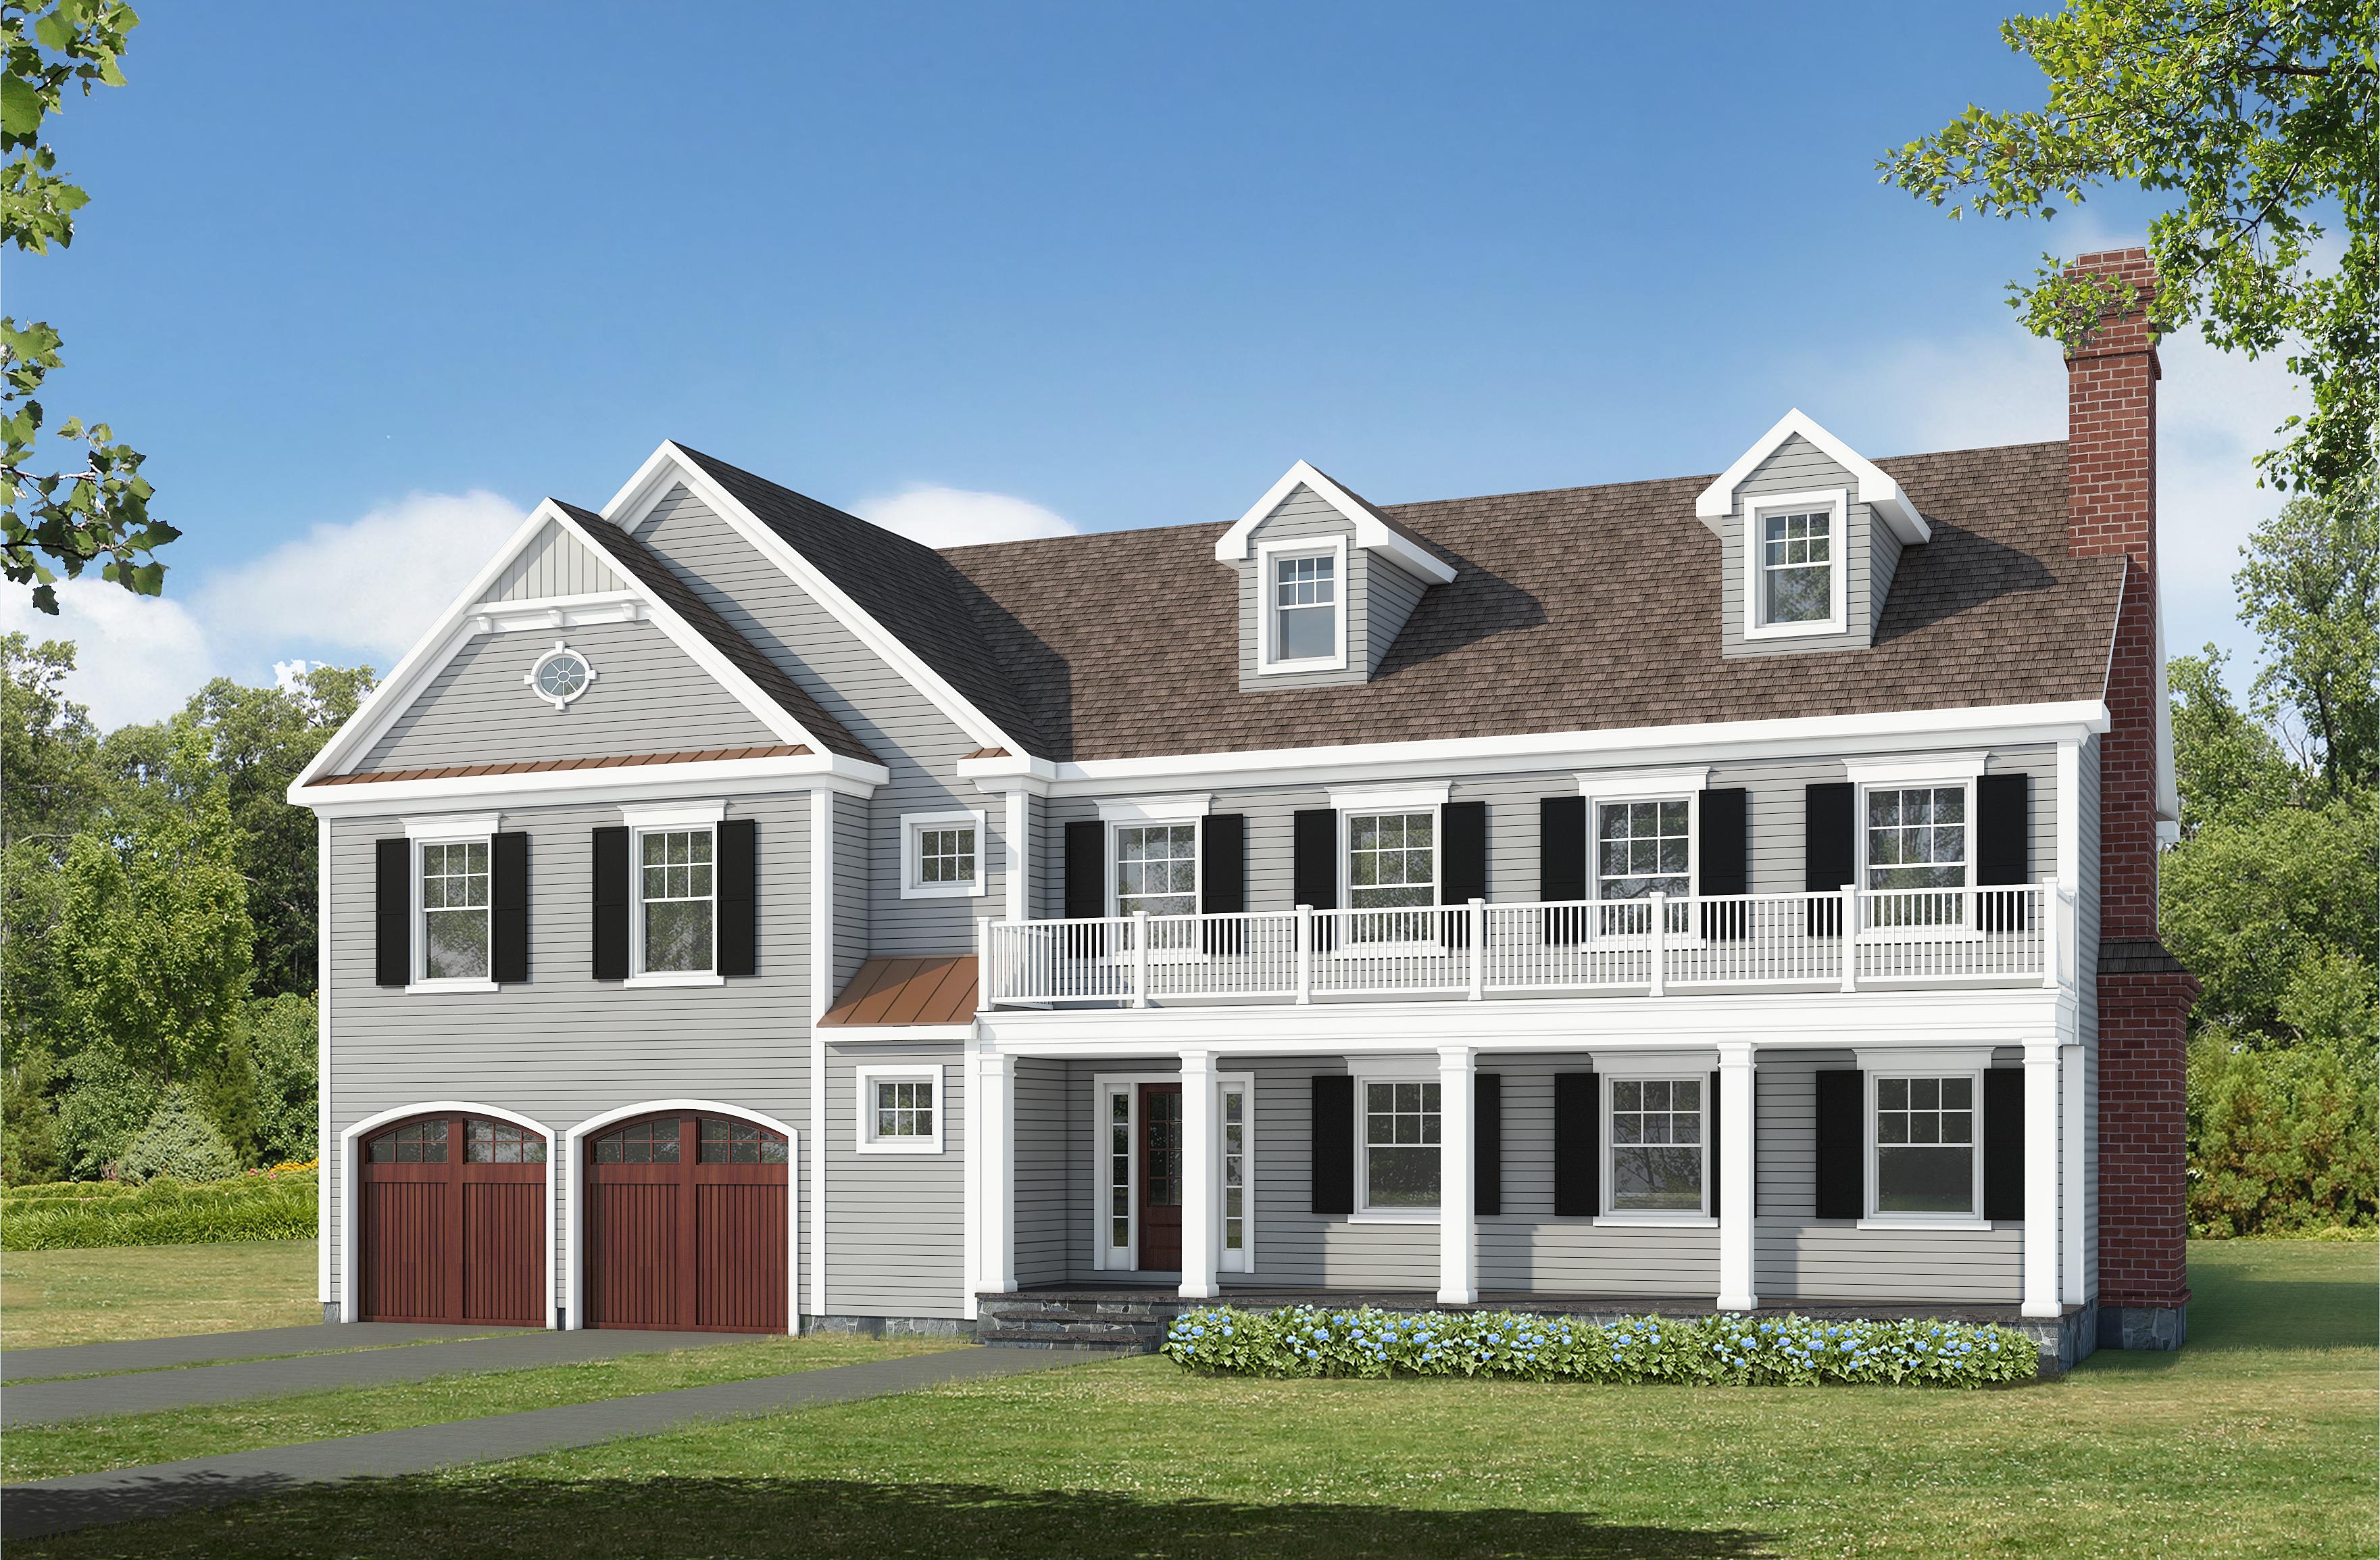 独户住宅 为 销售 在 72 Fairway Avenue 拉伊, 纽约州, 10580 美国